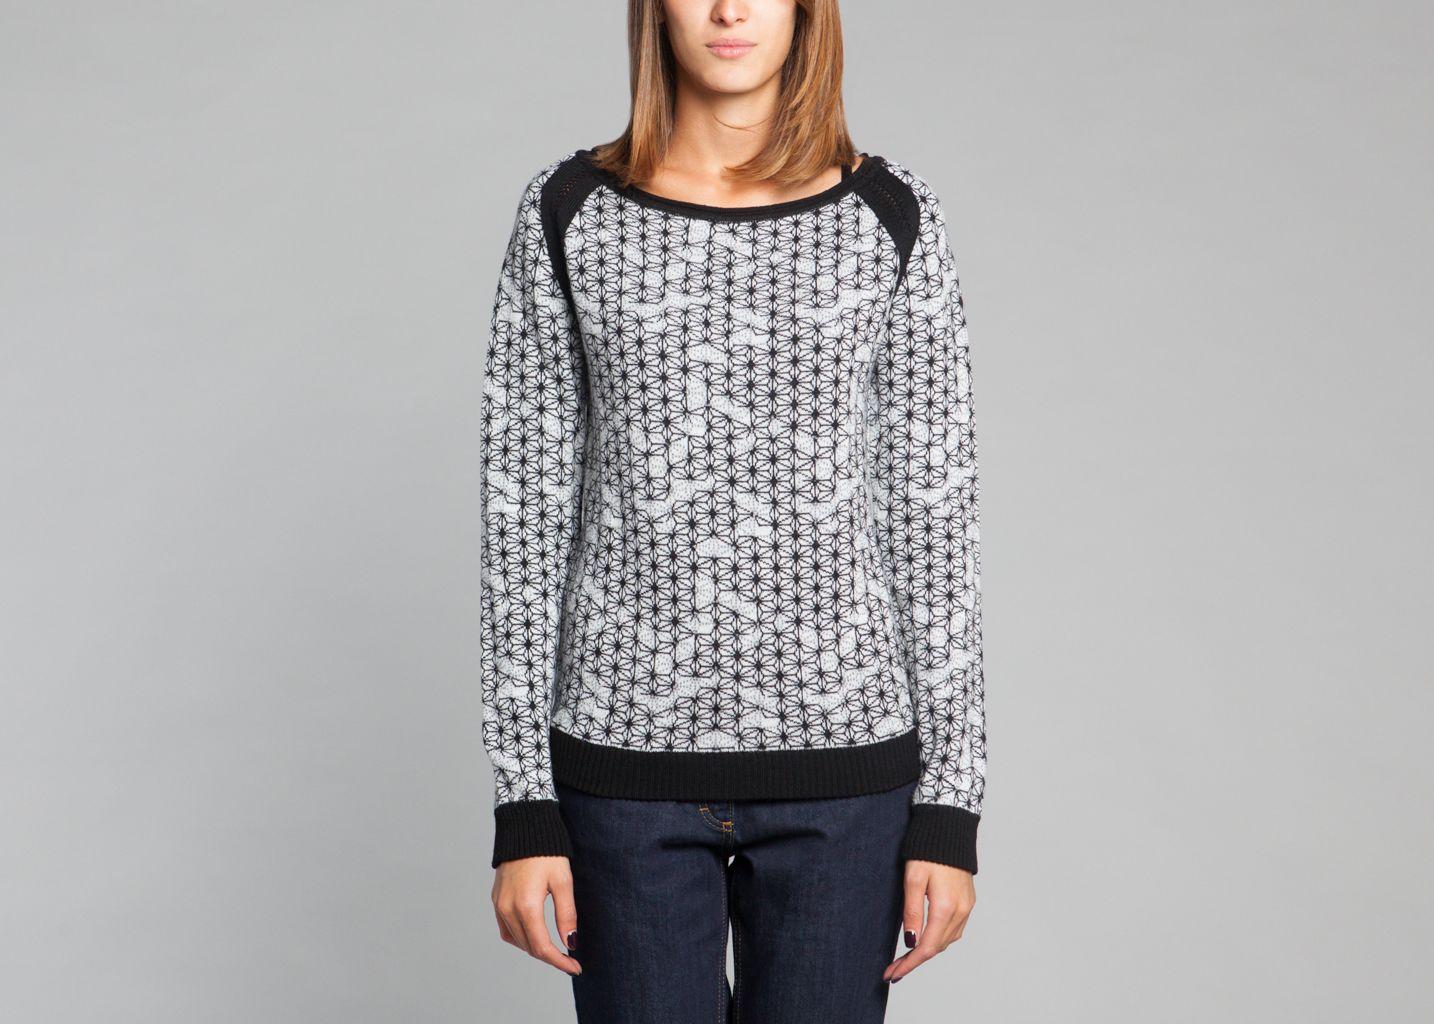 66441e361 Sako Sweater White Karine Lecchi